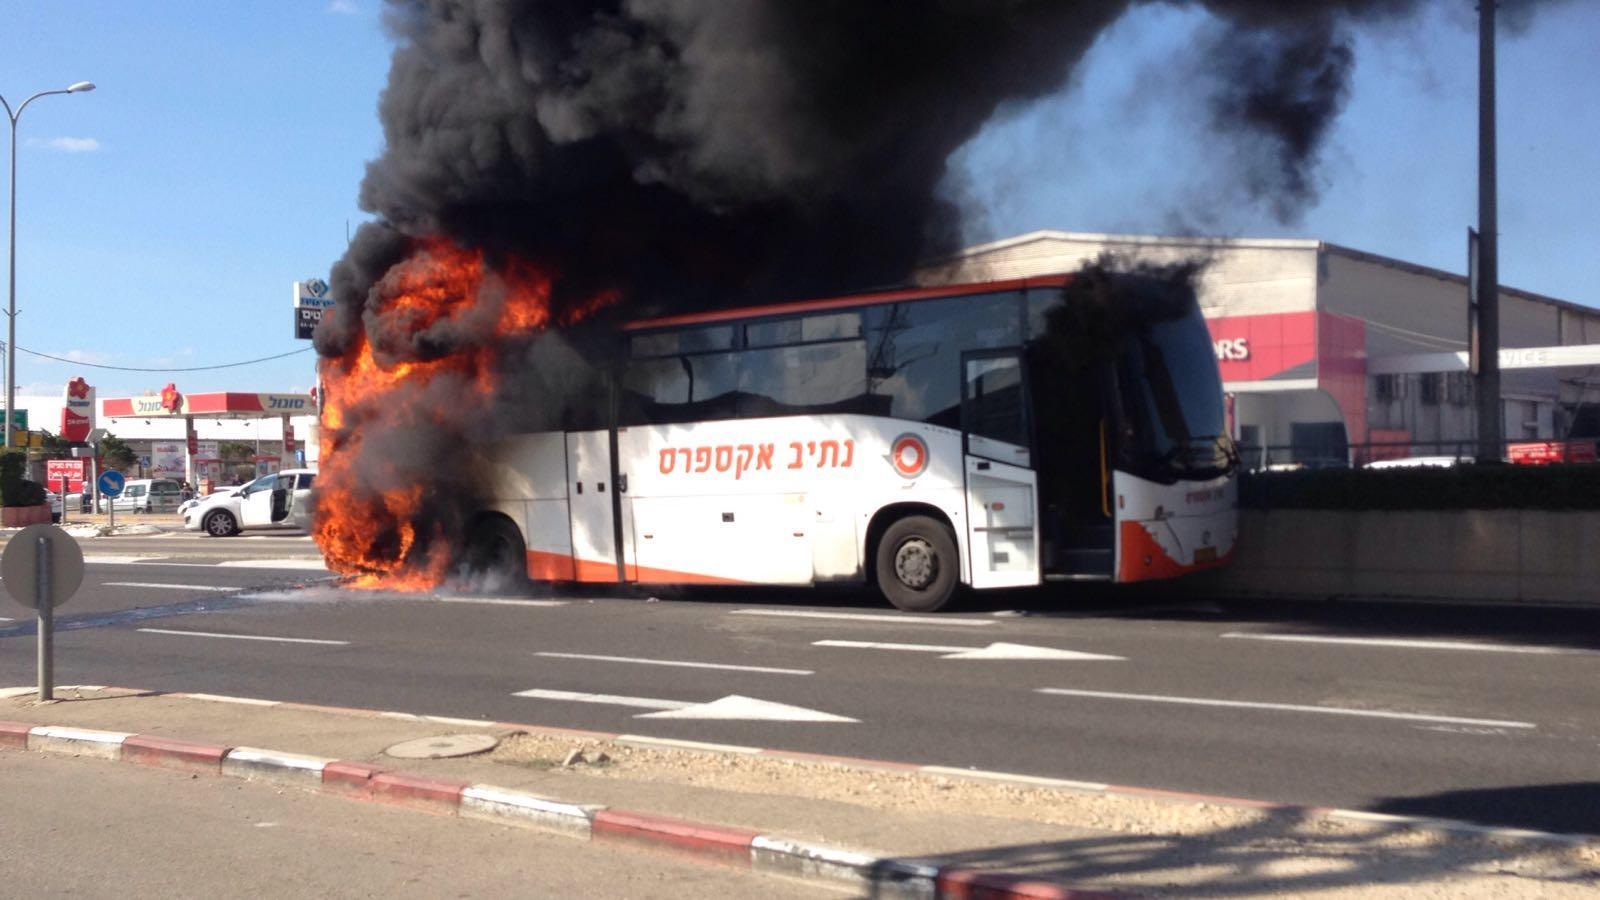 حيفا: احتراق حافلة ركاب يتسبب بخوف وقلق